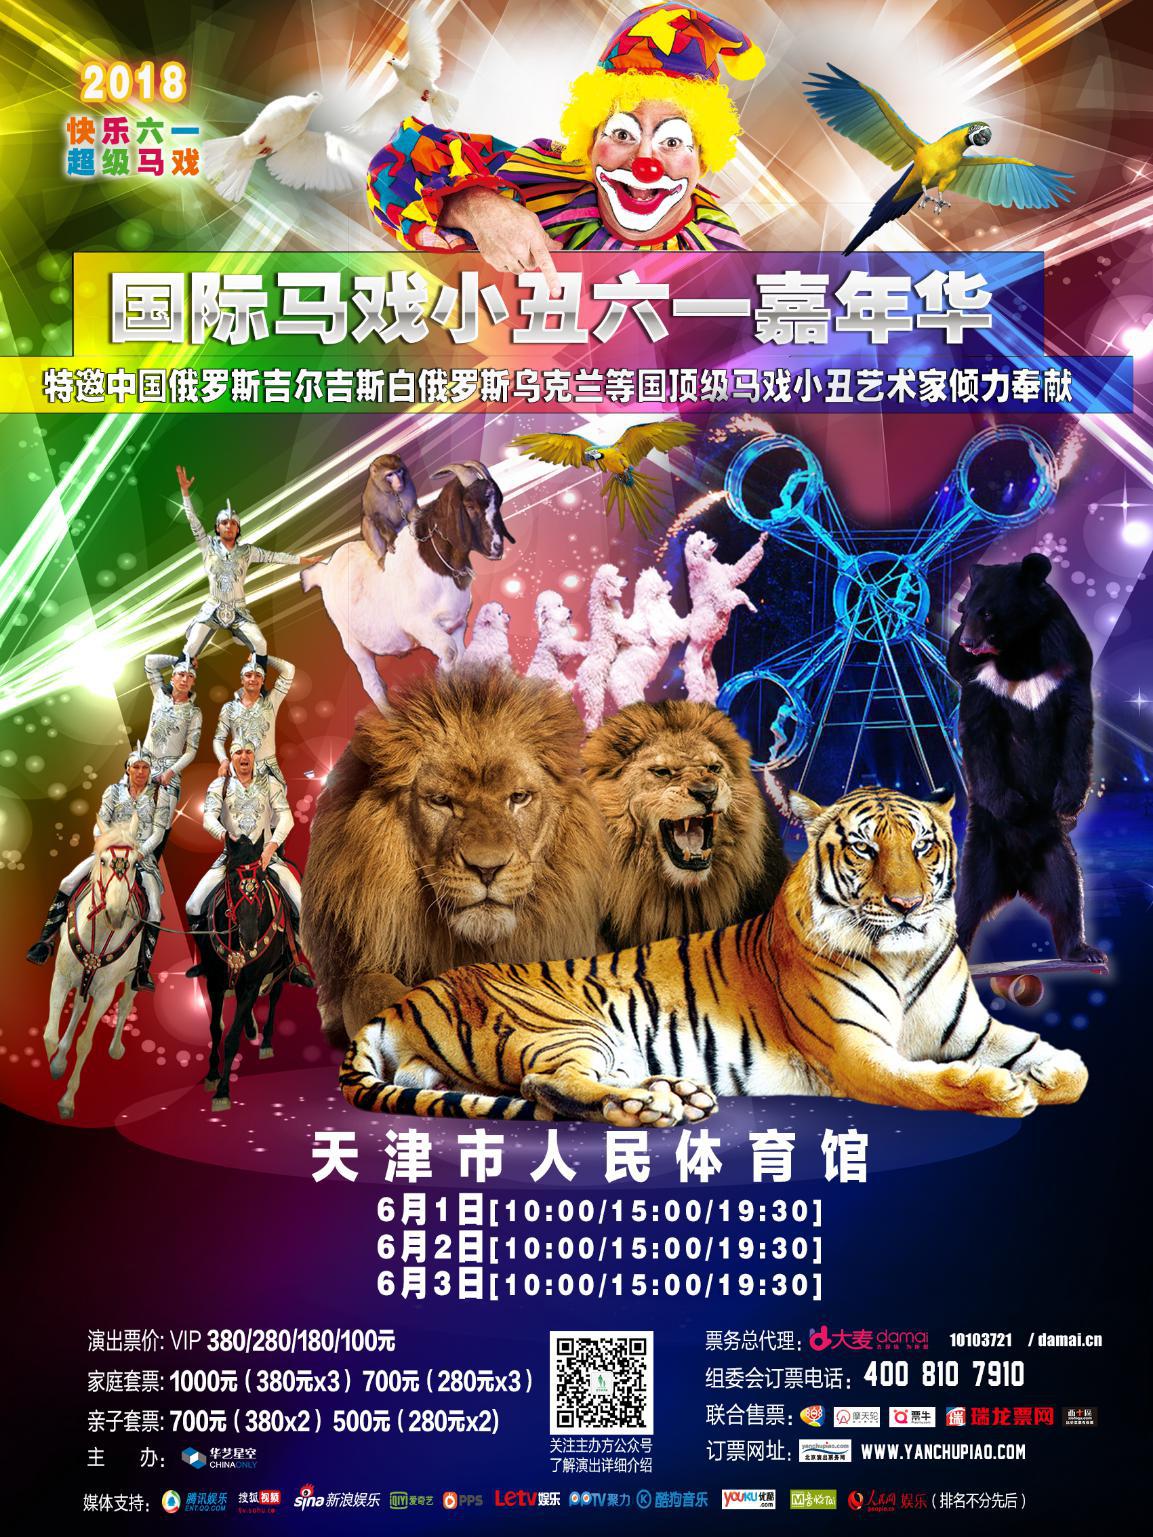 2018国际马戏小丑嘉年华